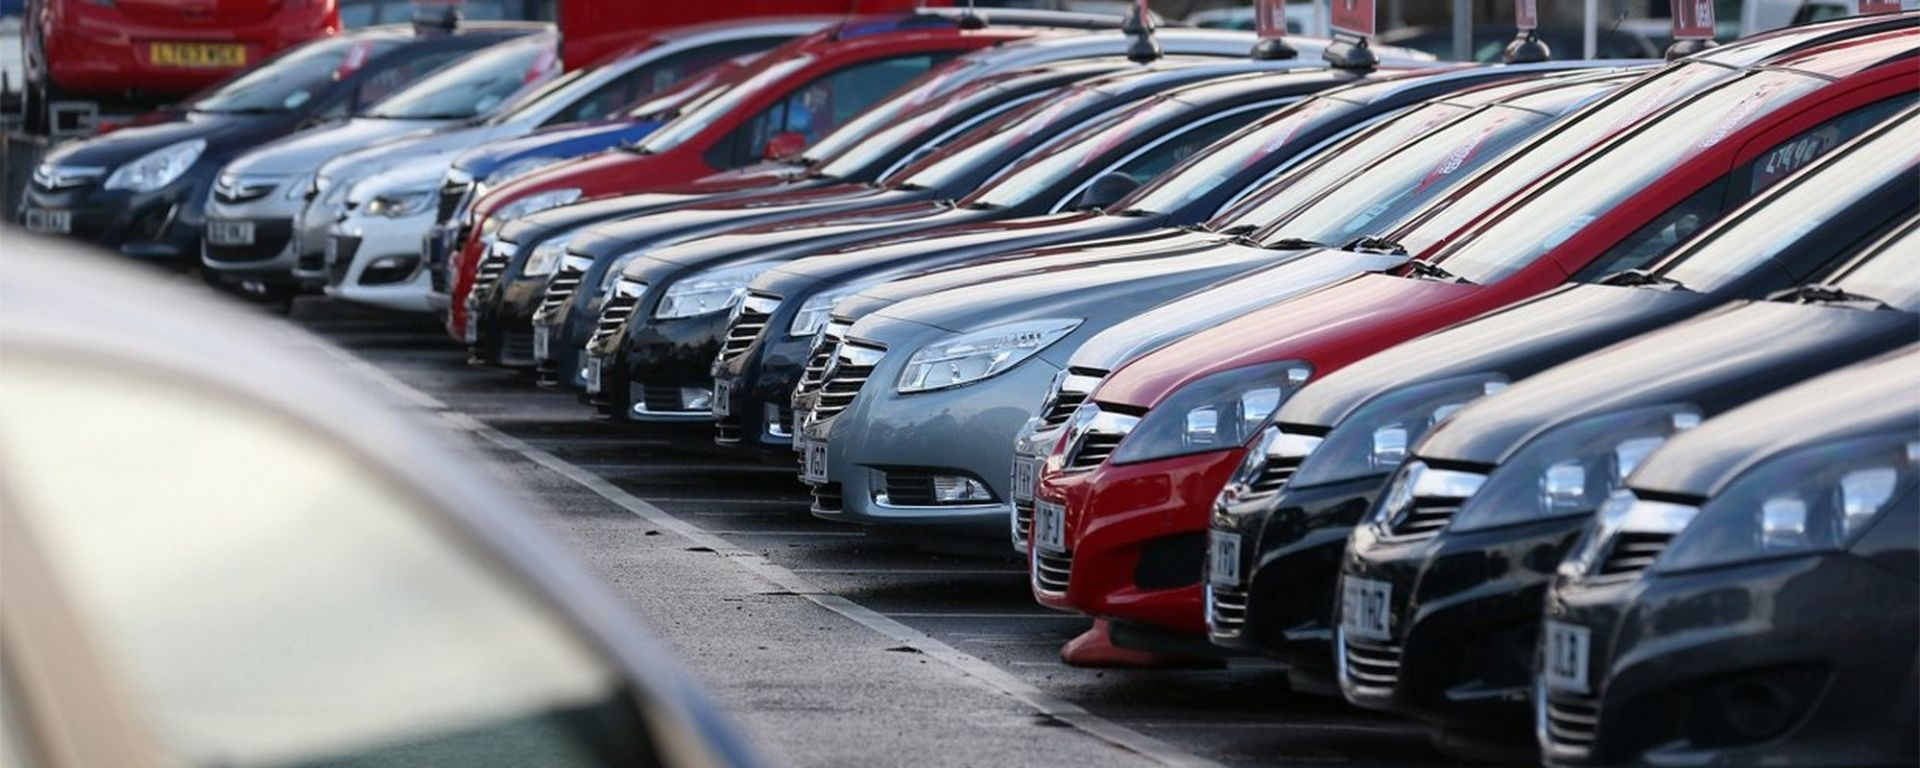 Mercato auto Italia 2017, a luglio +5,9%